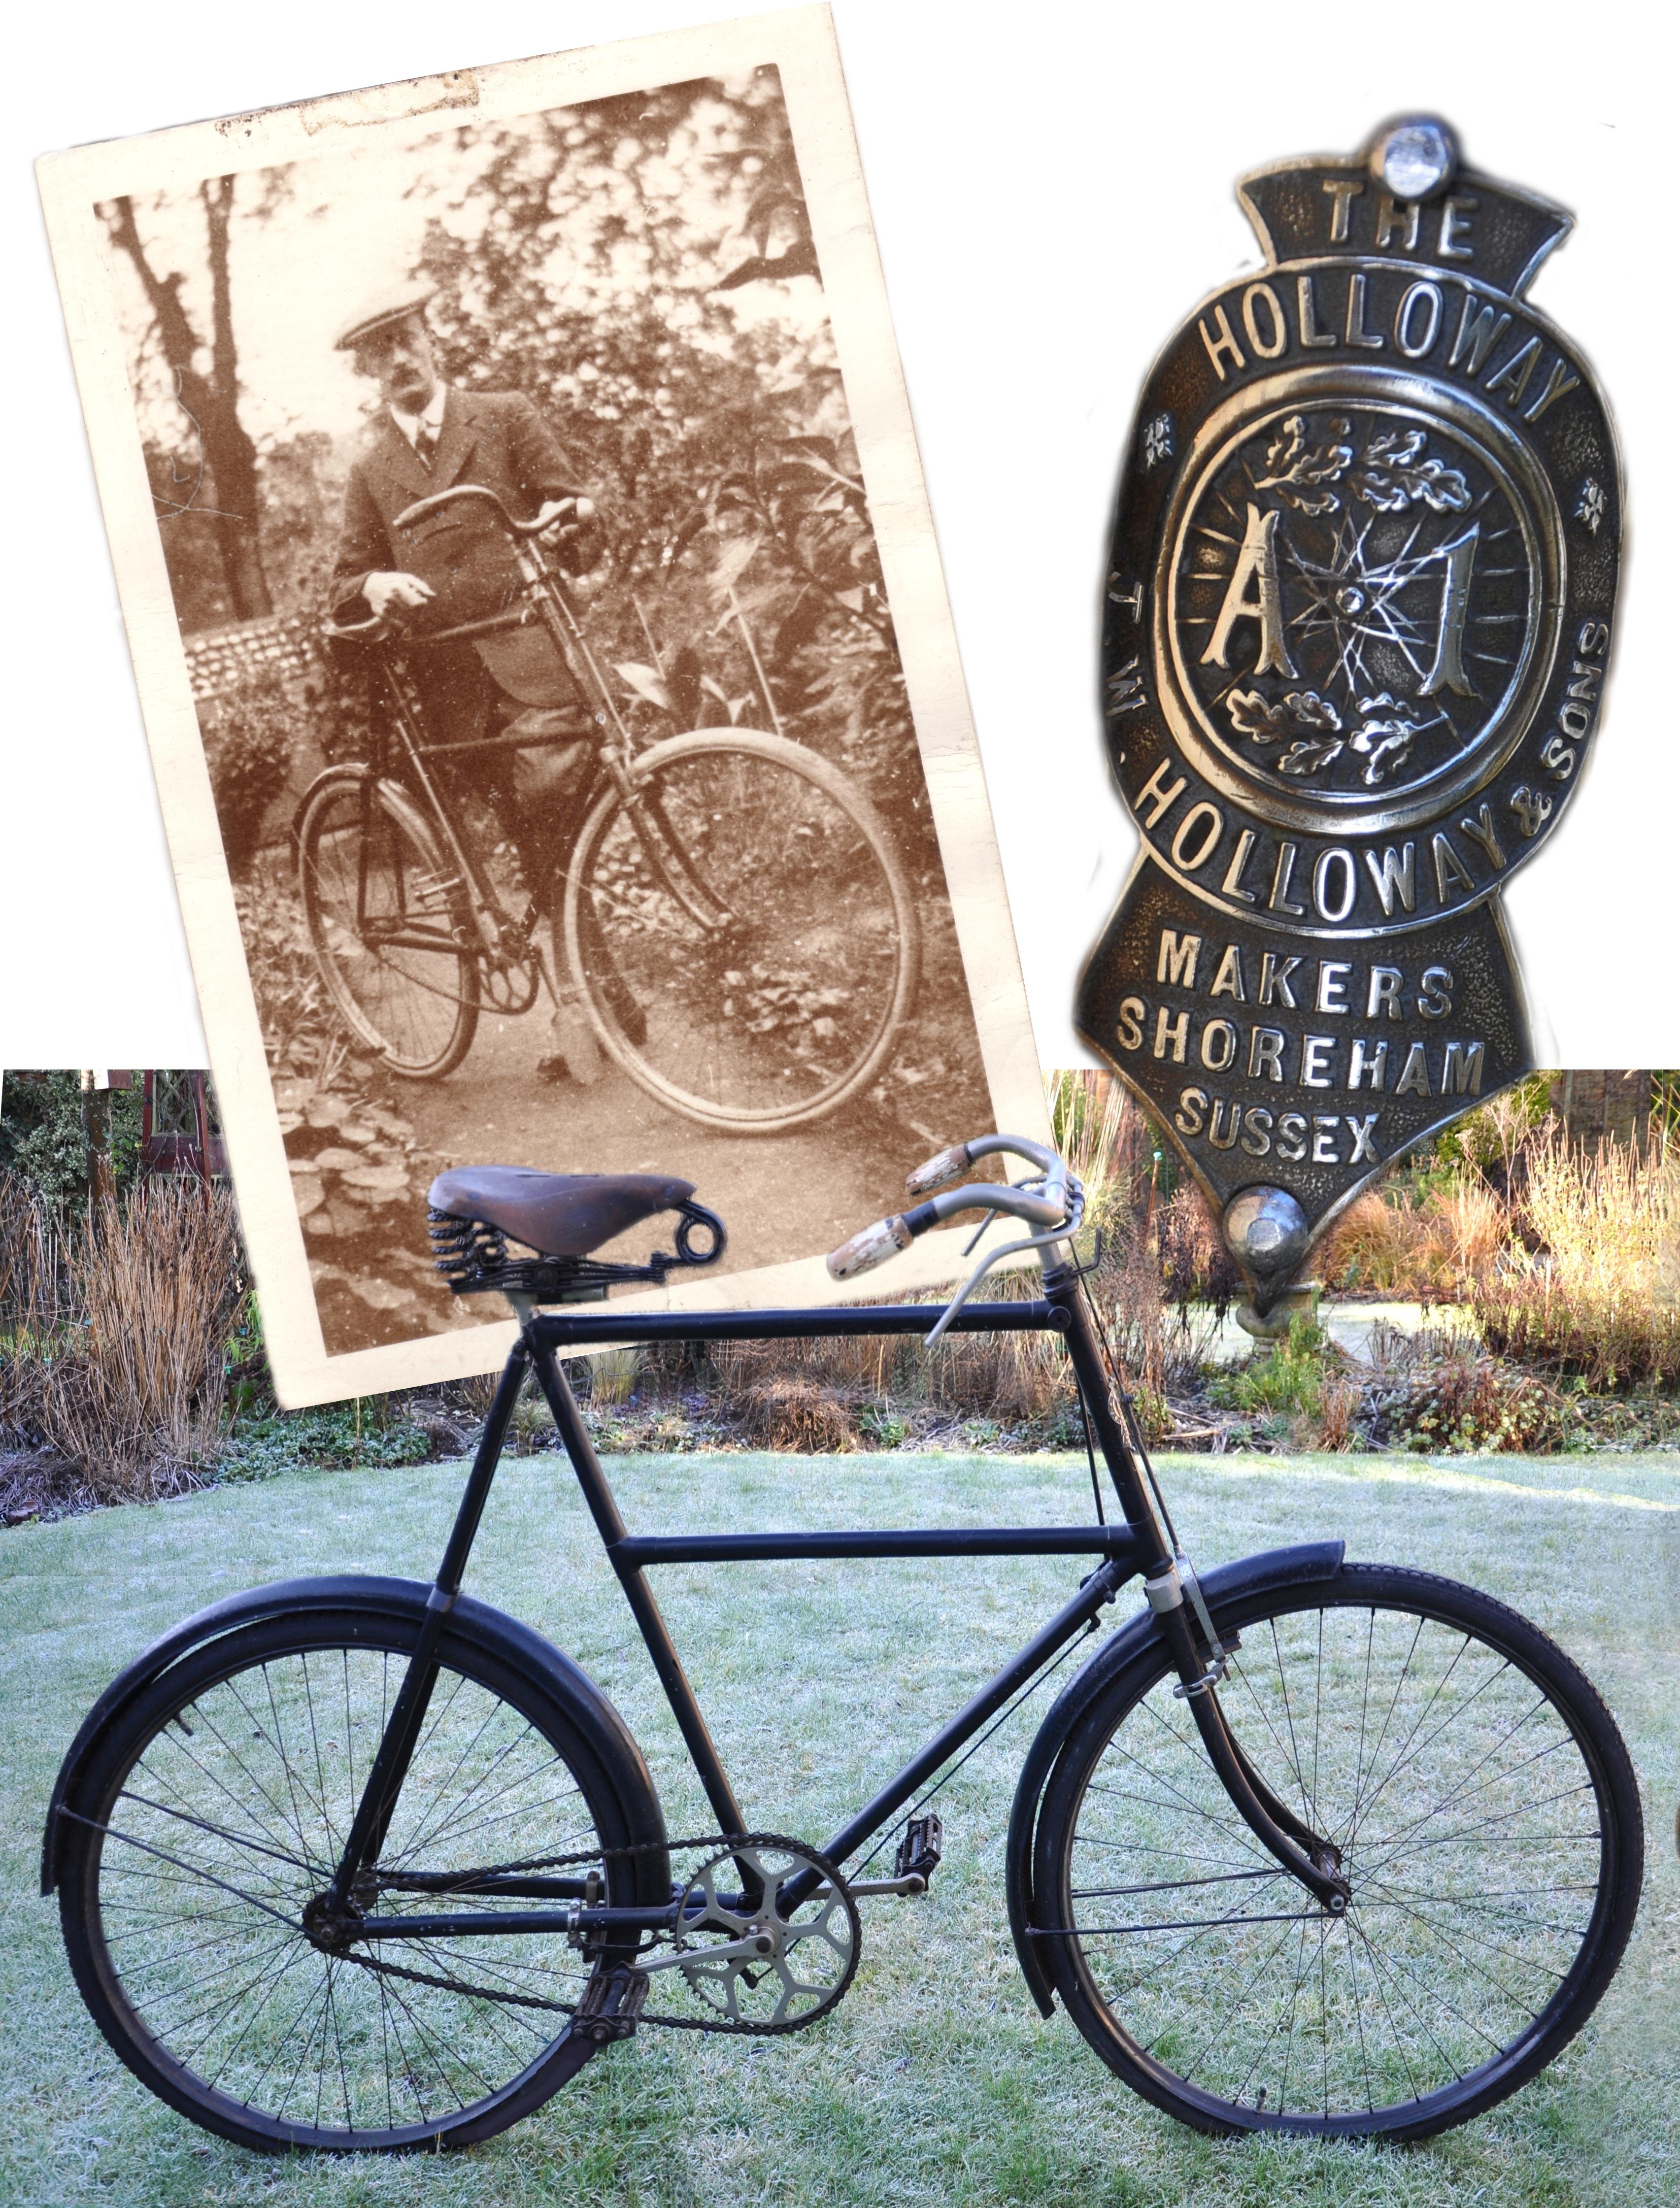 Holloway A1 bicyclejpeg